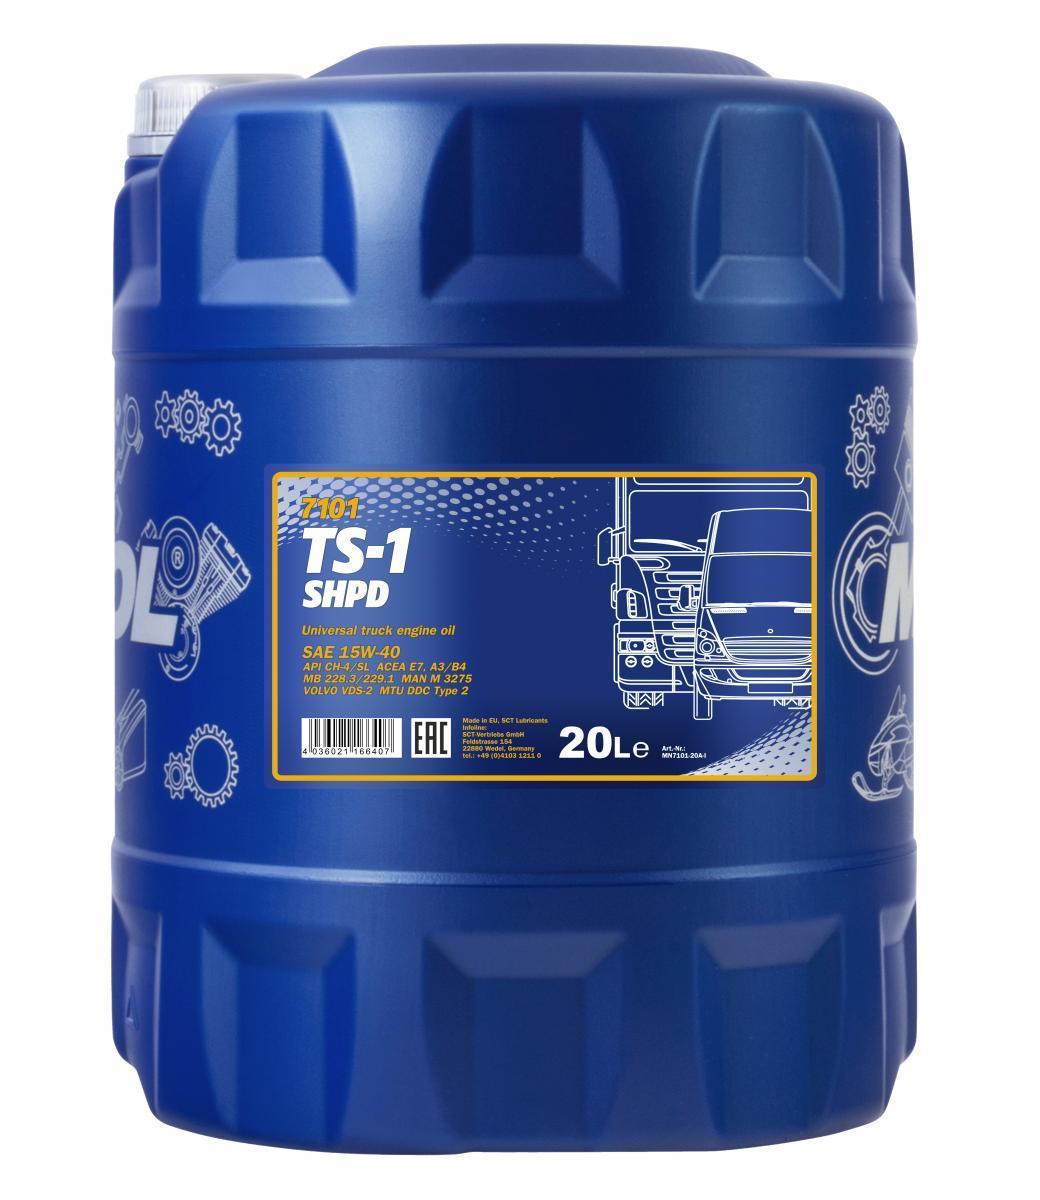 MN7101-20 MANNOL TS-1, SHPD 15W-40, 20l, Mineralöl Motoröl MN7101-20 günstig kaufen